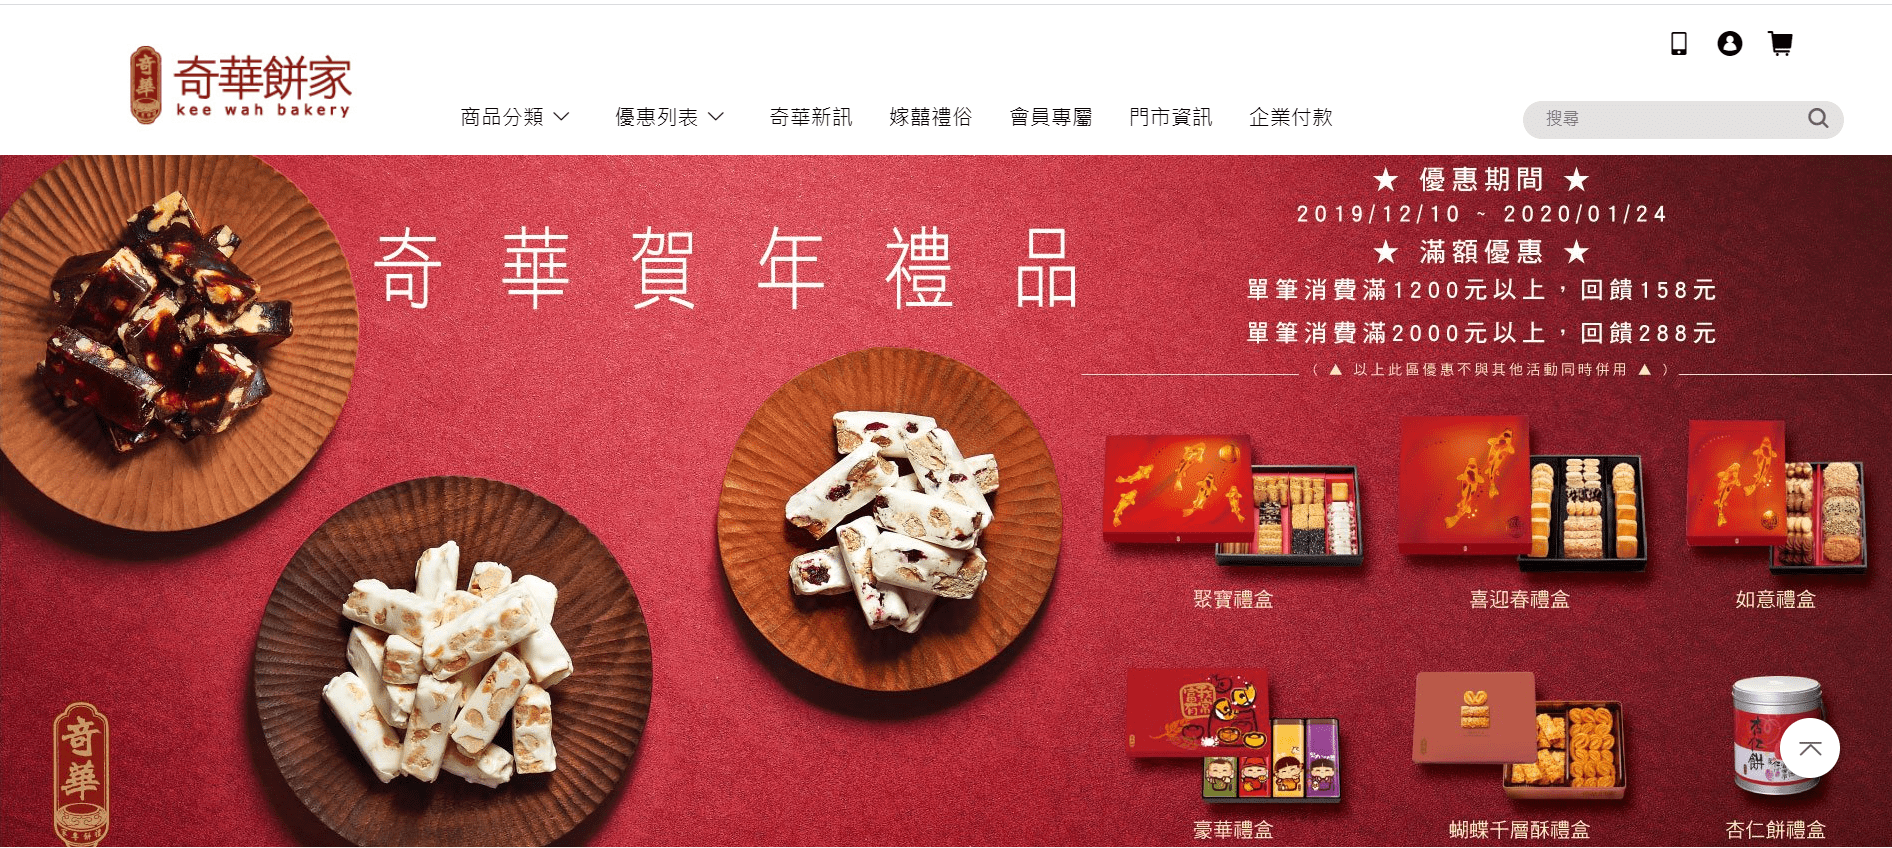 91APP 人氣店家 奇華餅家官網